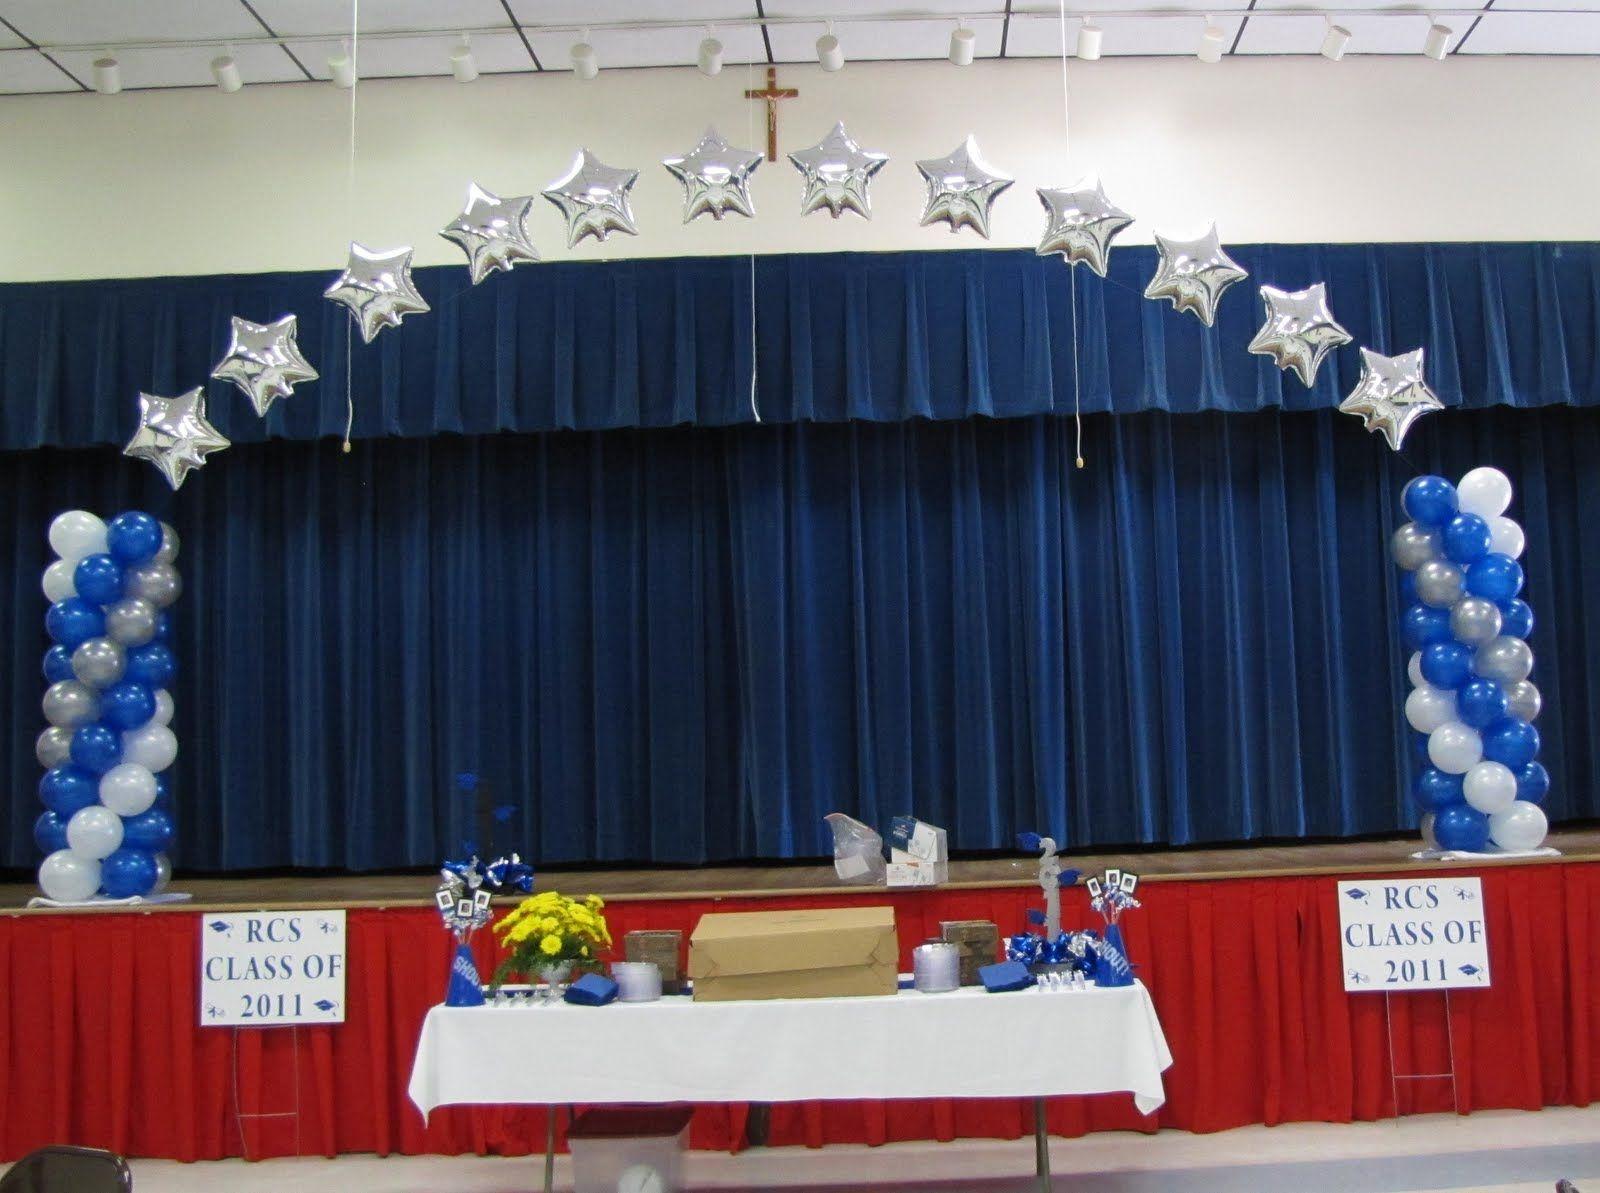 Party people celebration company custom balloon decor for Award ceremony decoration ideas